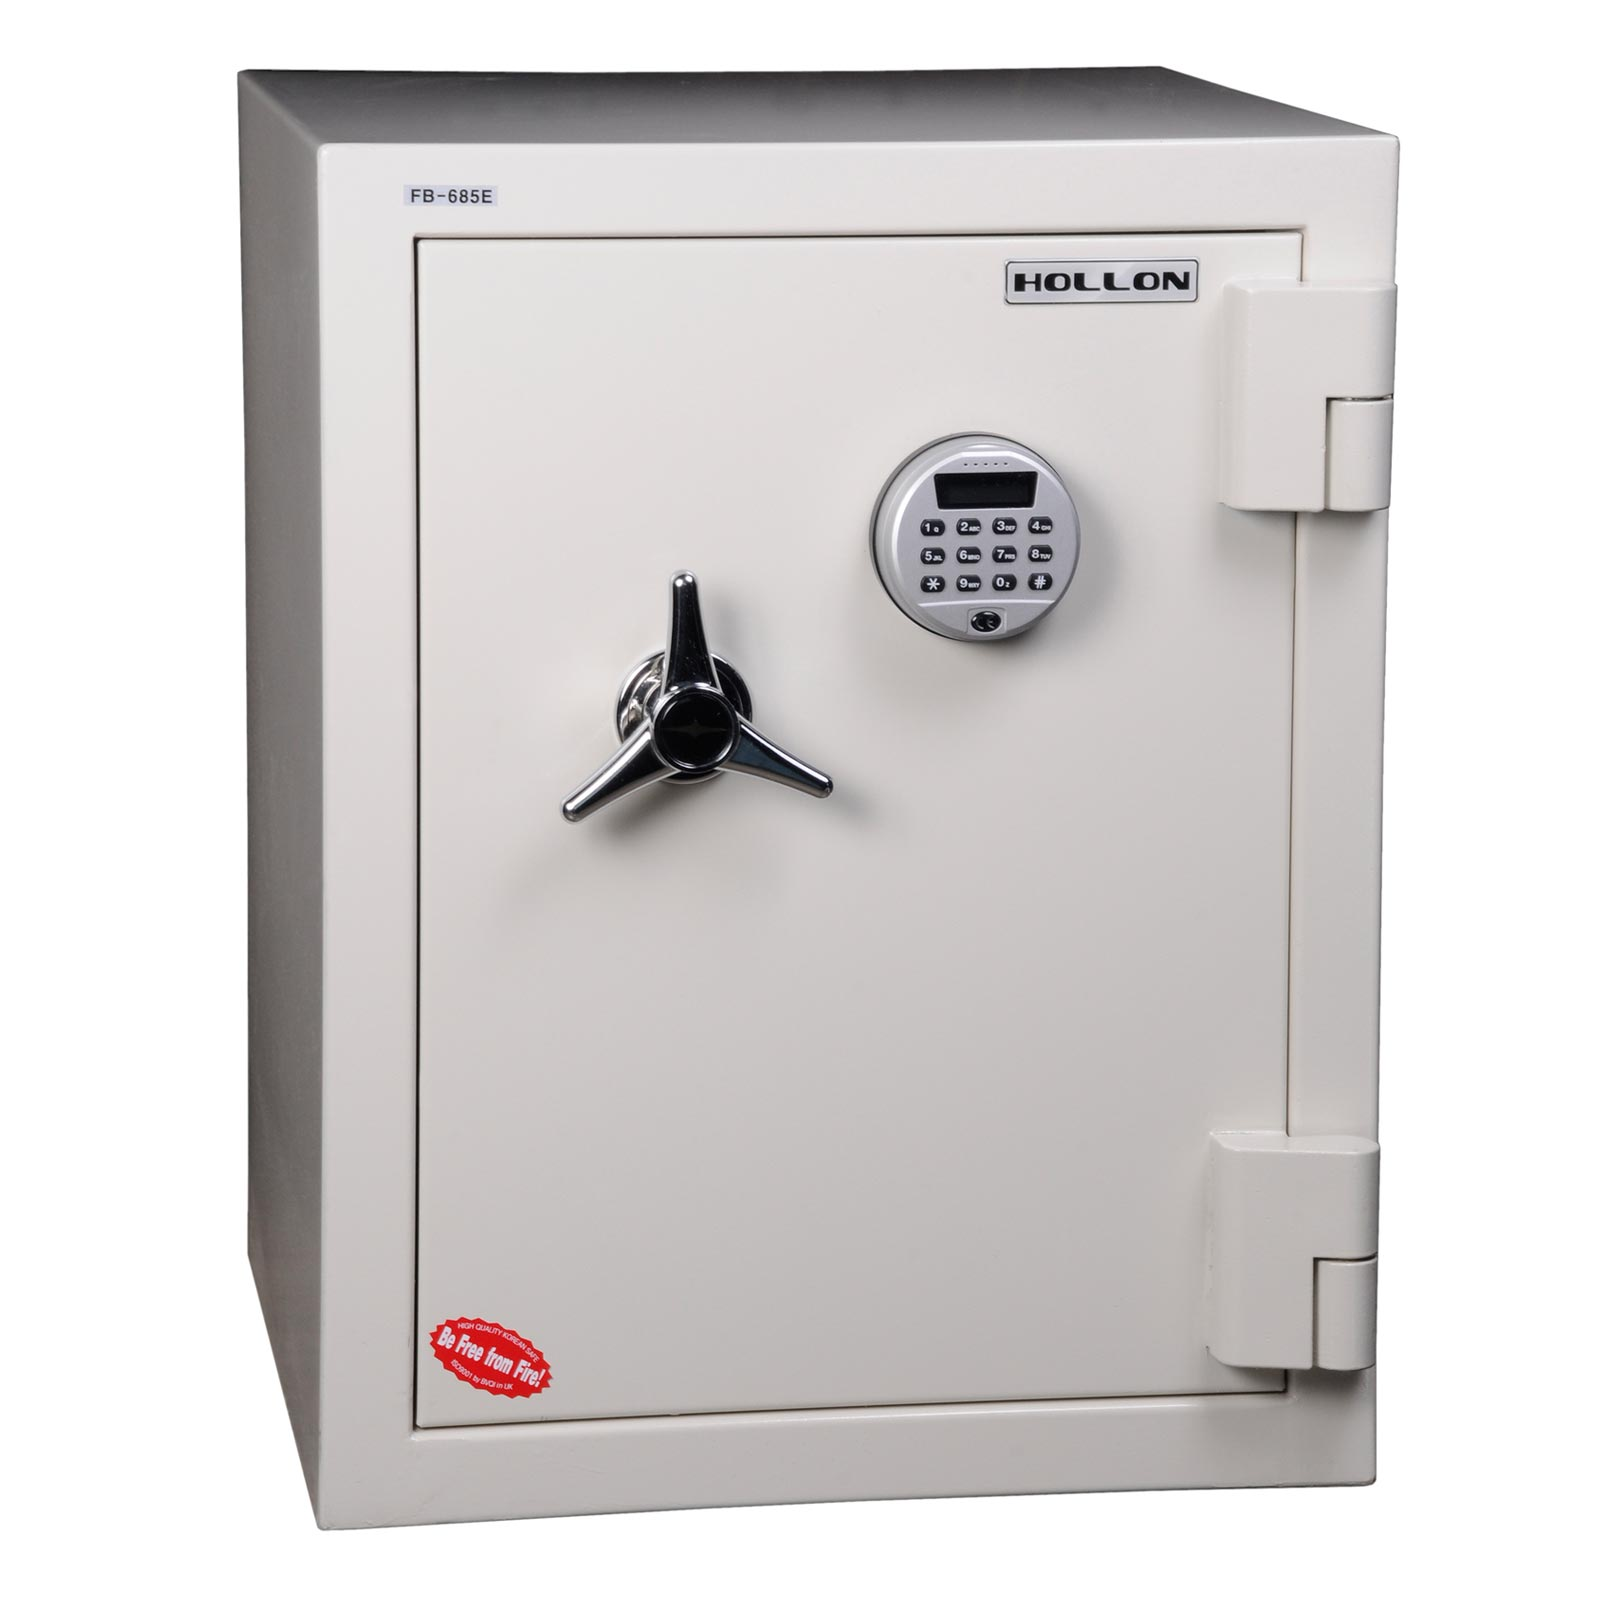 Hollon Fb 685 2 Hr Fire Burglary Safe Cu Ft